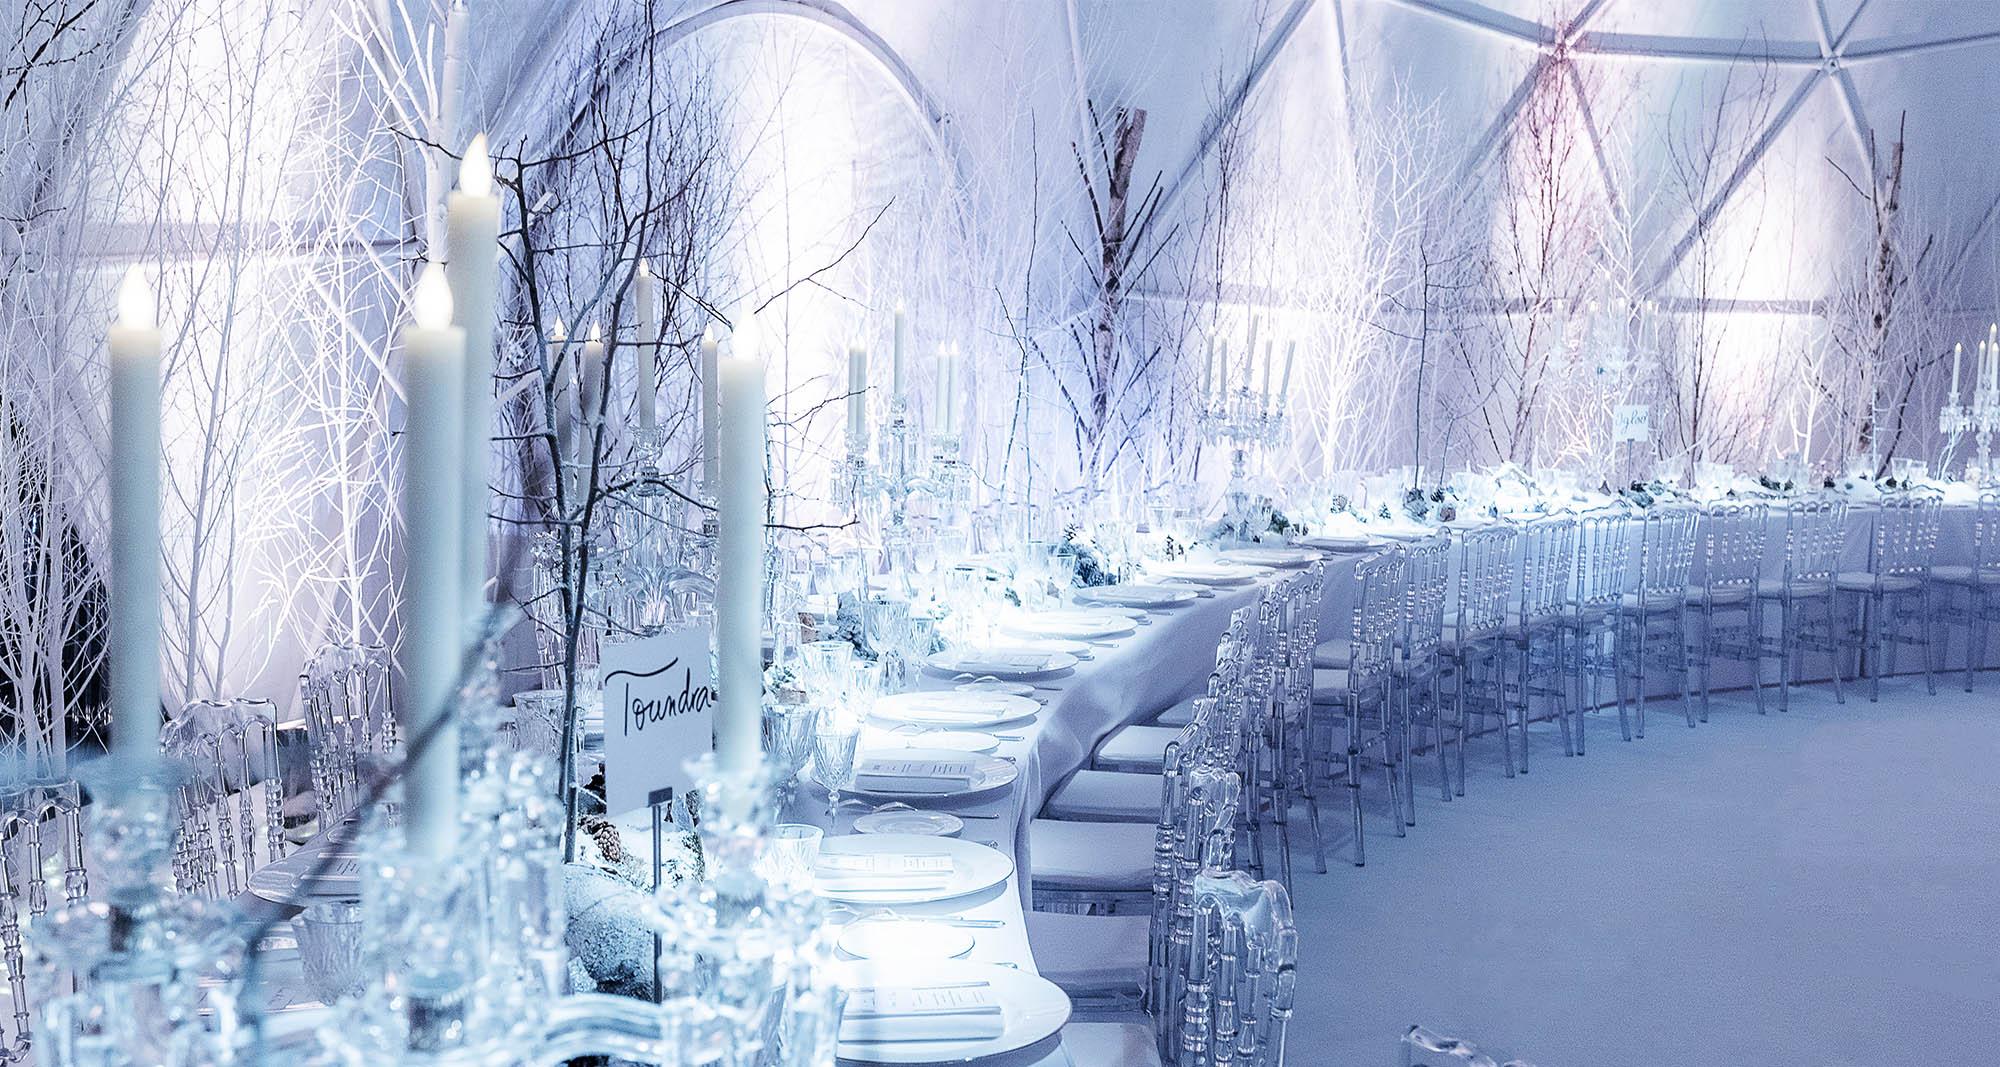 Scénographie d'hiver pour le défilé Dior à Méribel